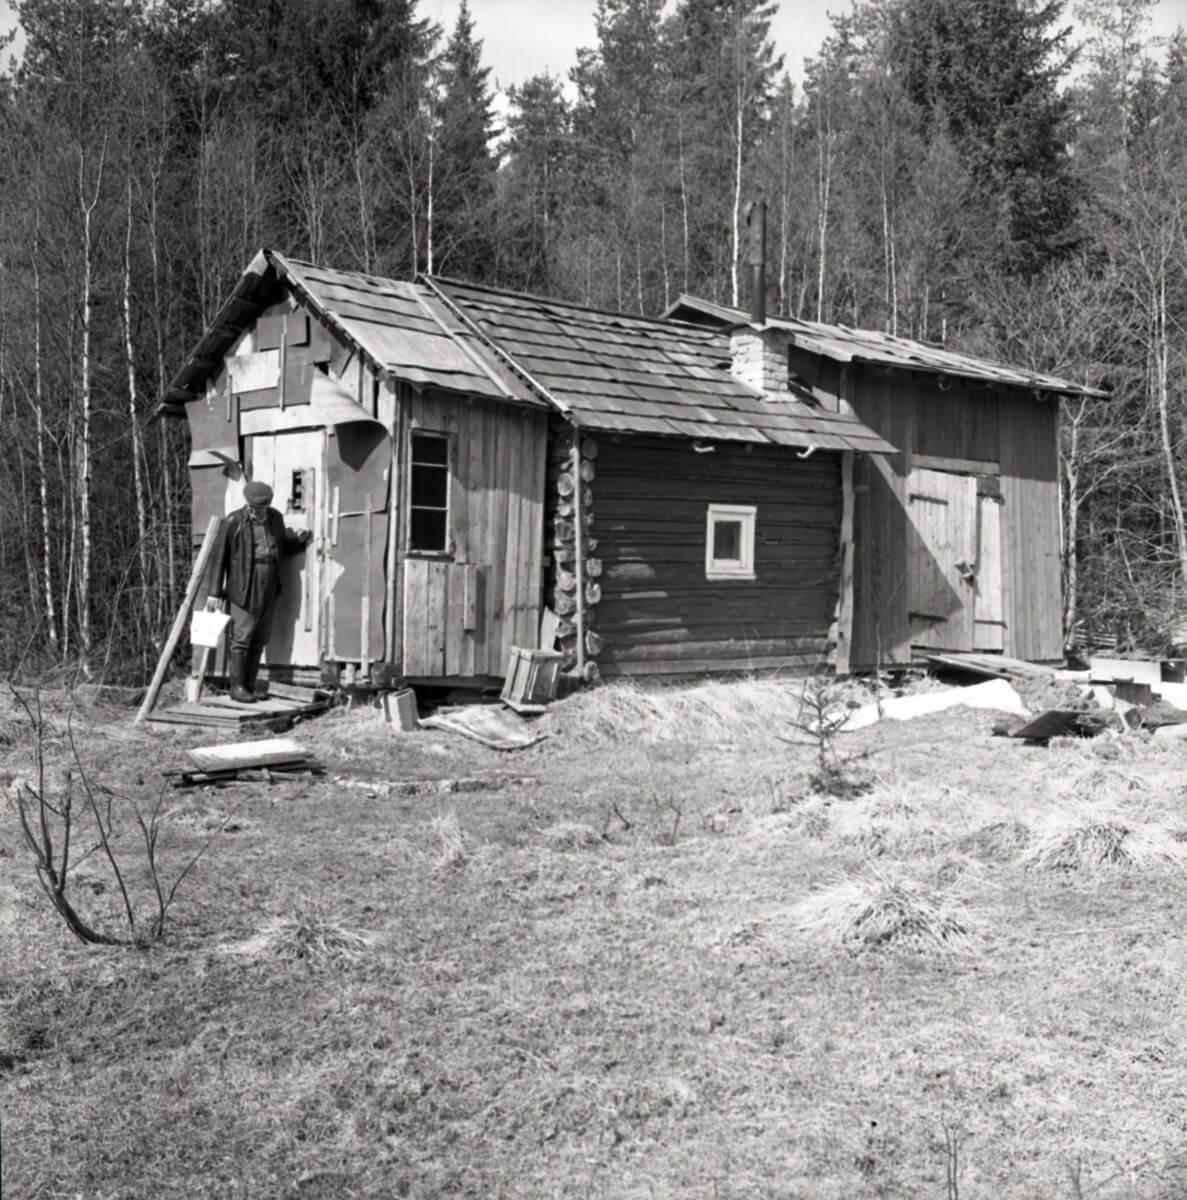 En stuga i skogen är påbyggd två gånger från den ursprungliga timrade stugan.